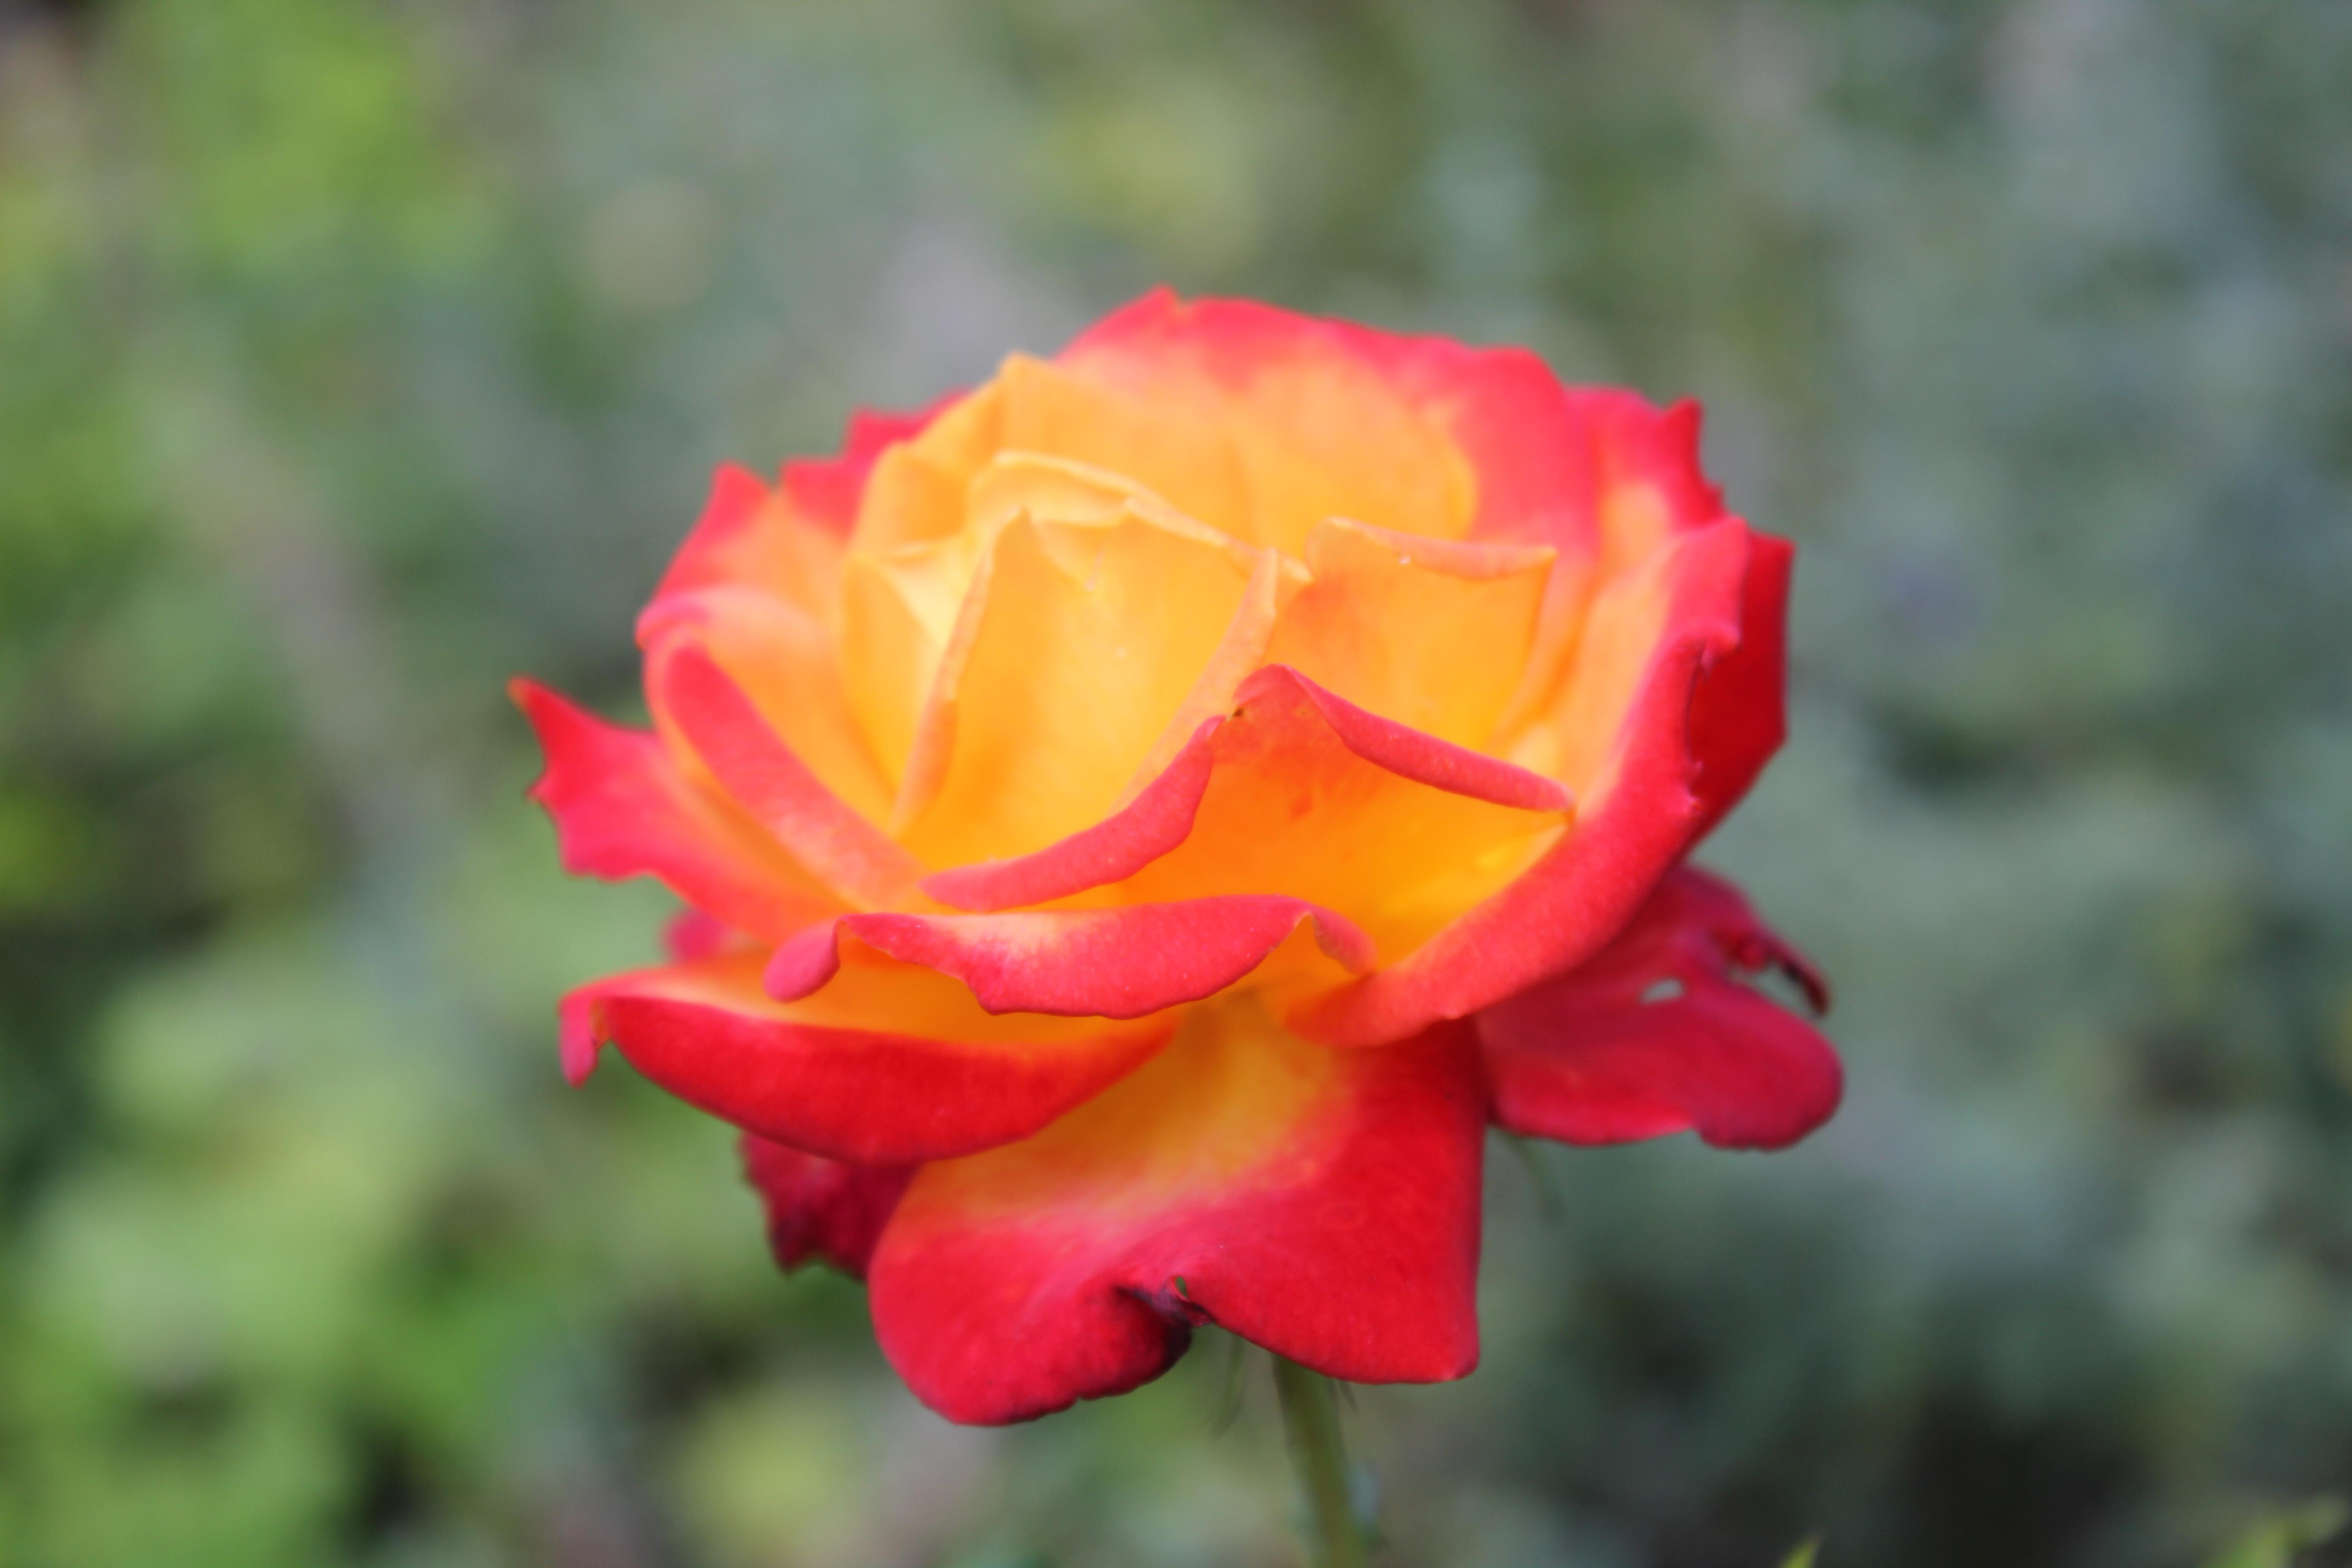 Red Orange Rose In Detail Cc0 Photo